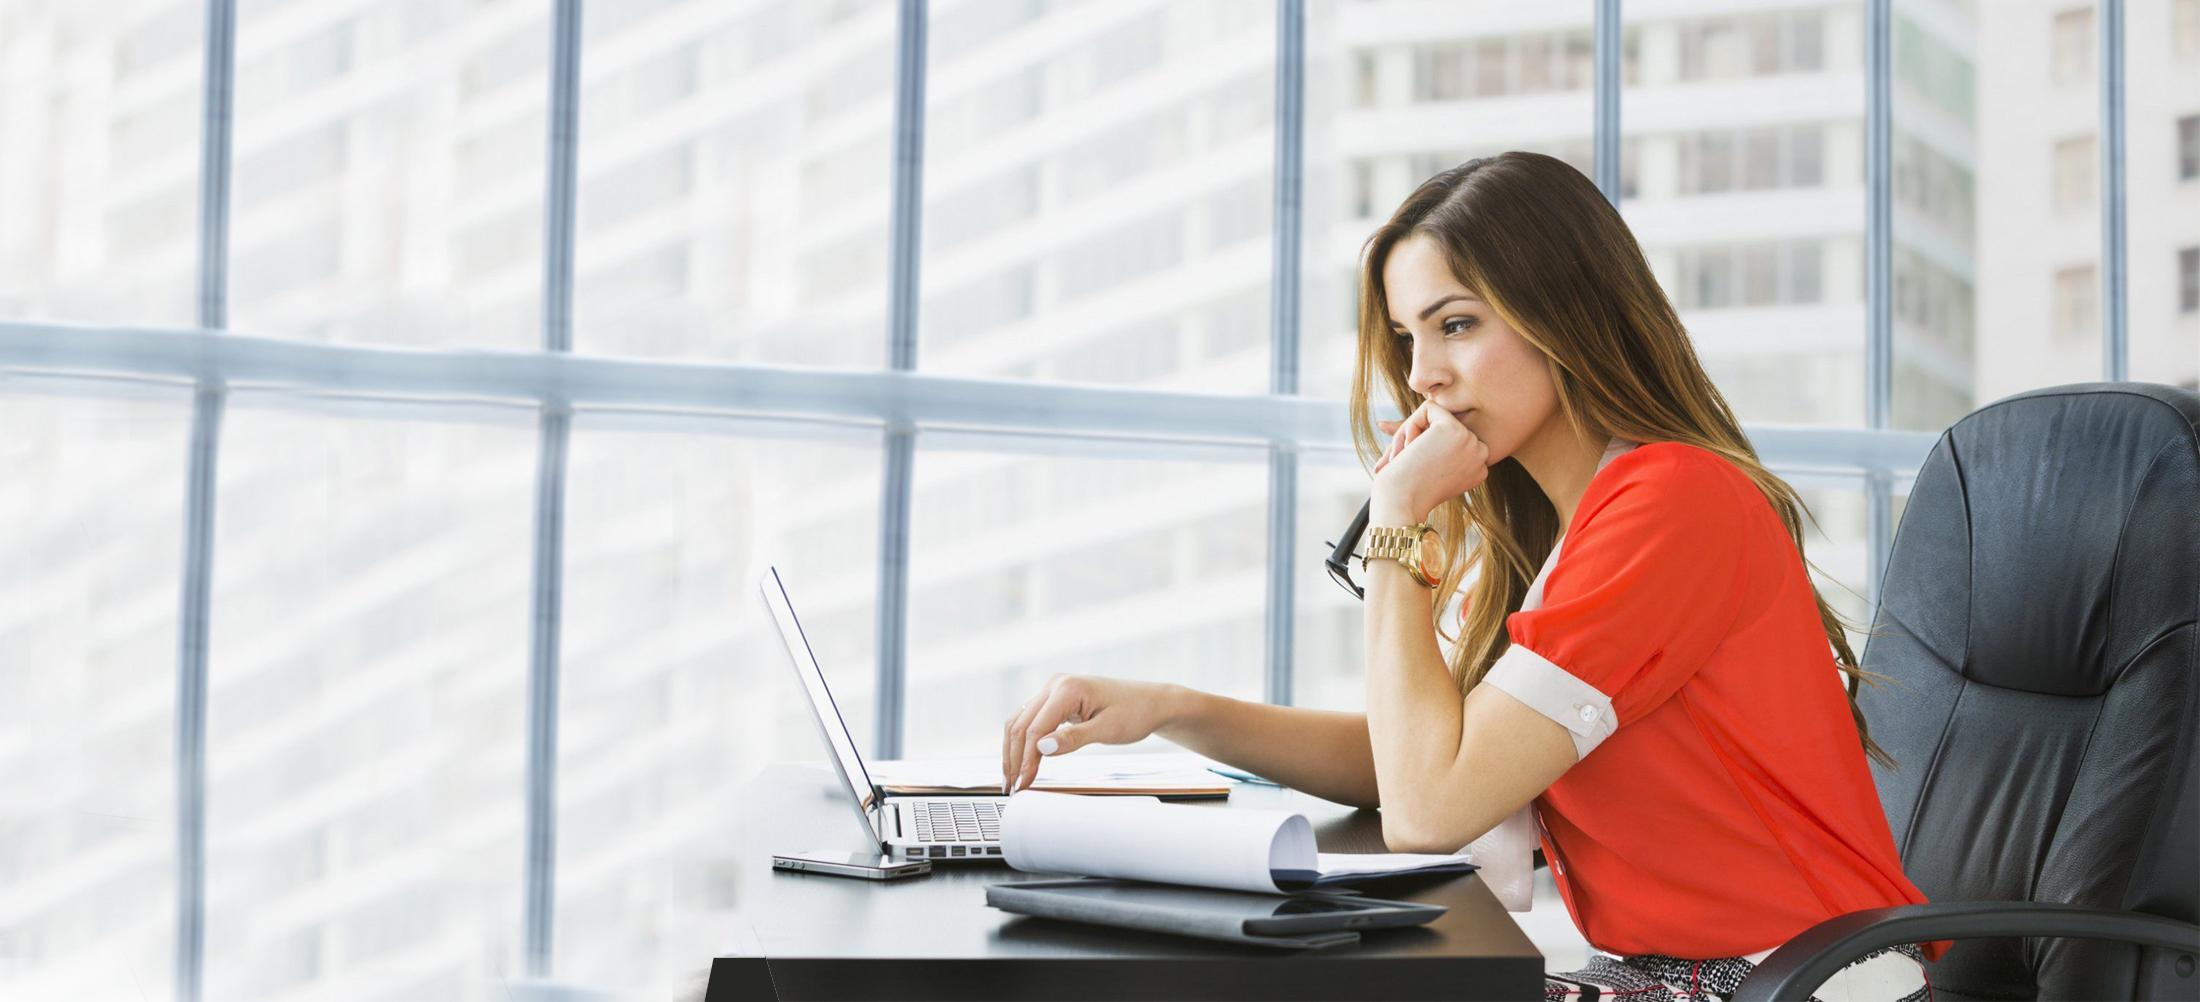 background khóa học bán hàng online mới